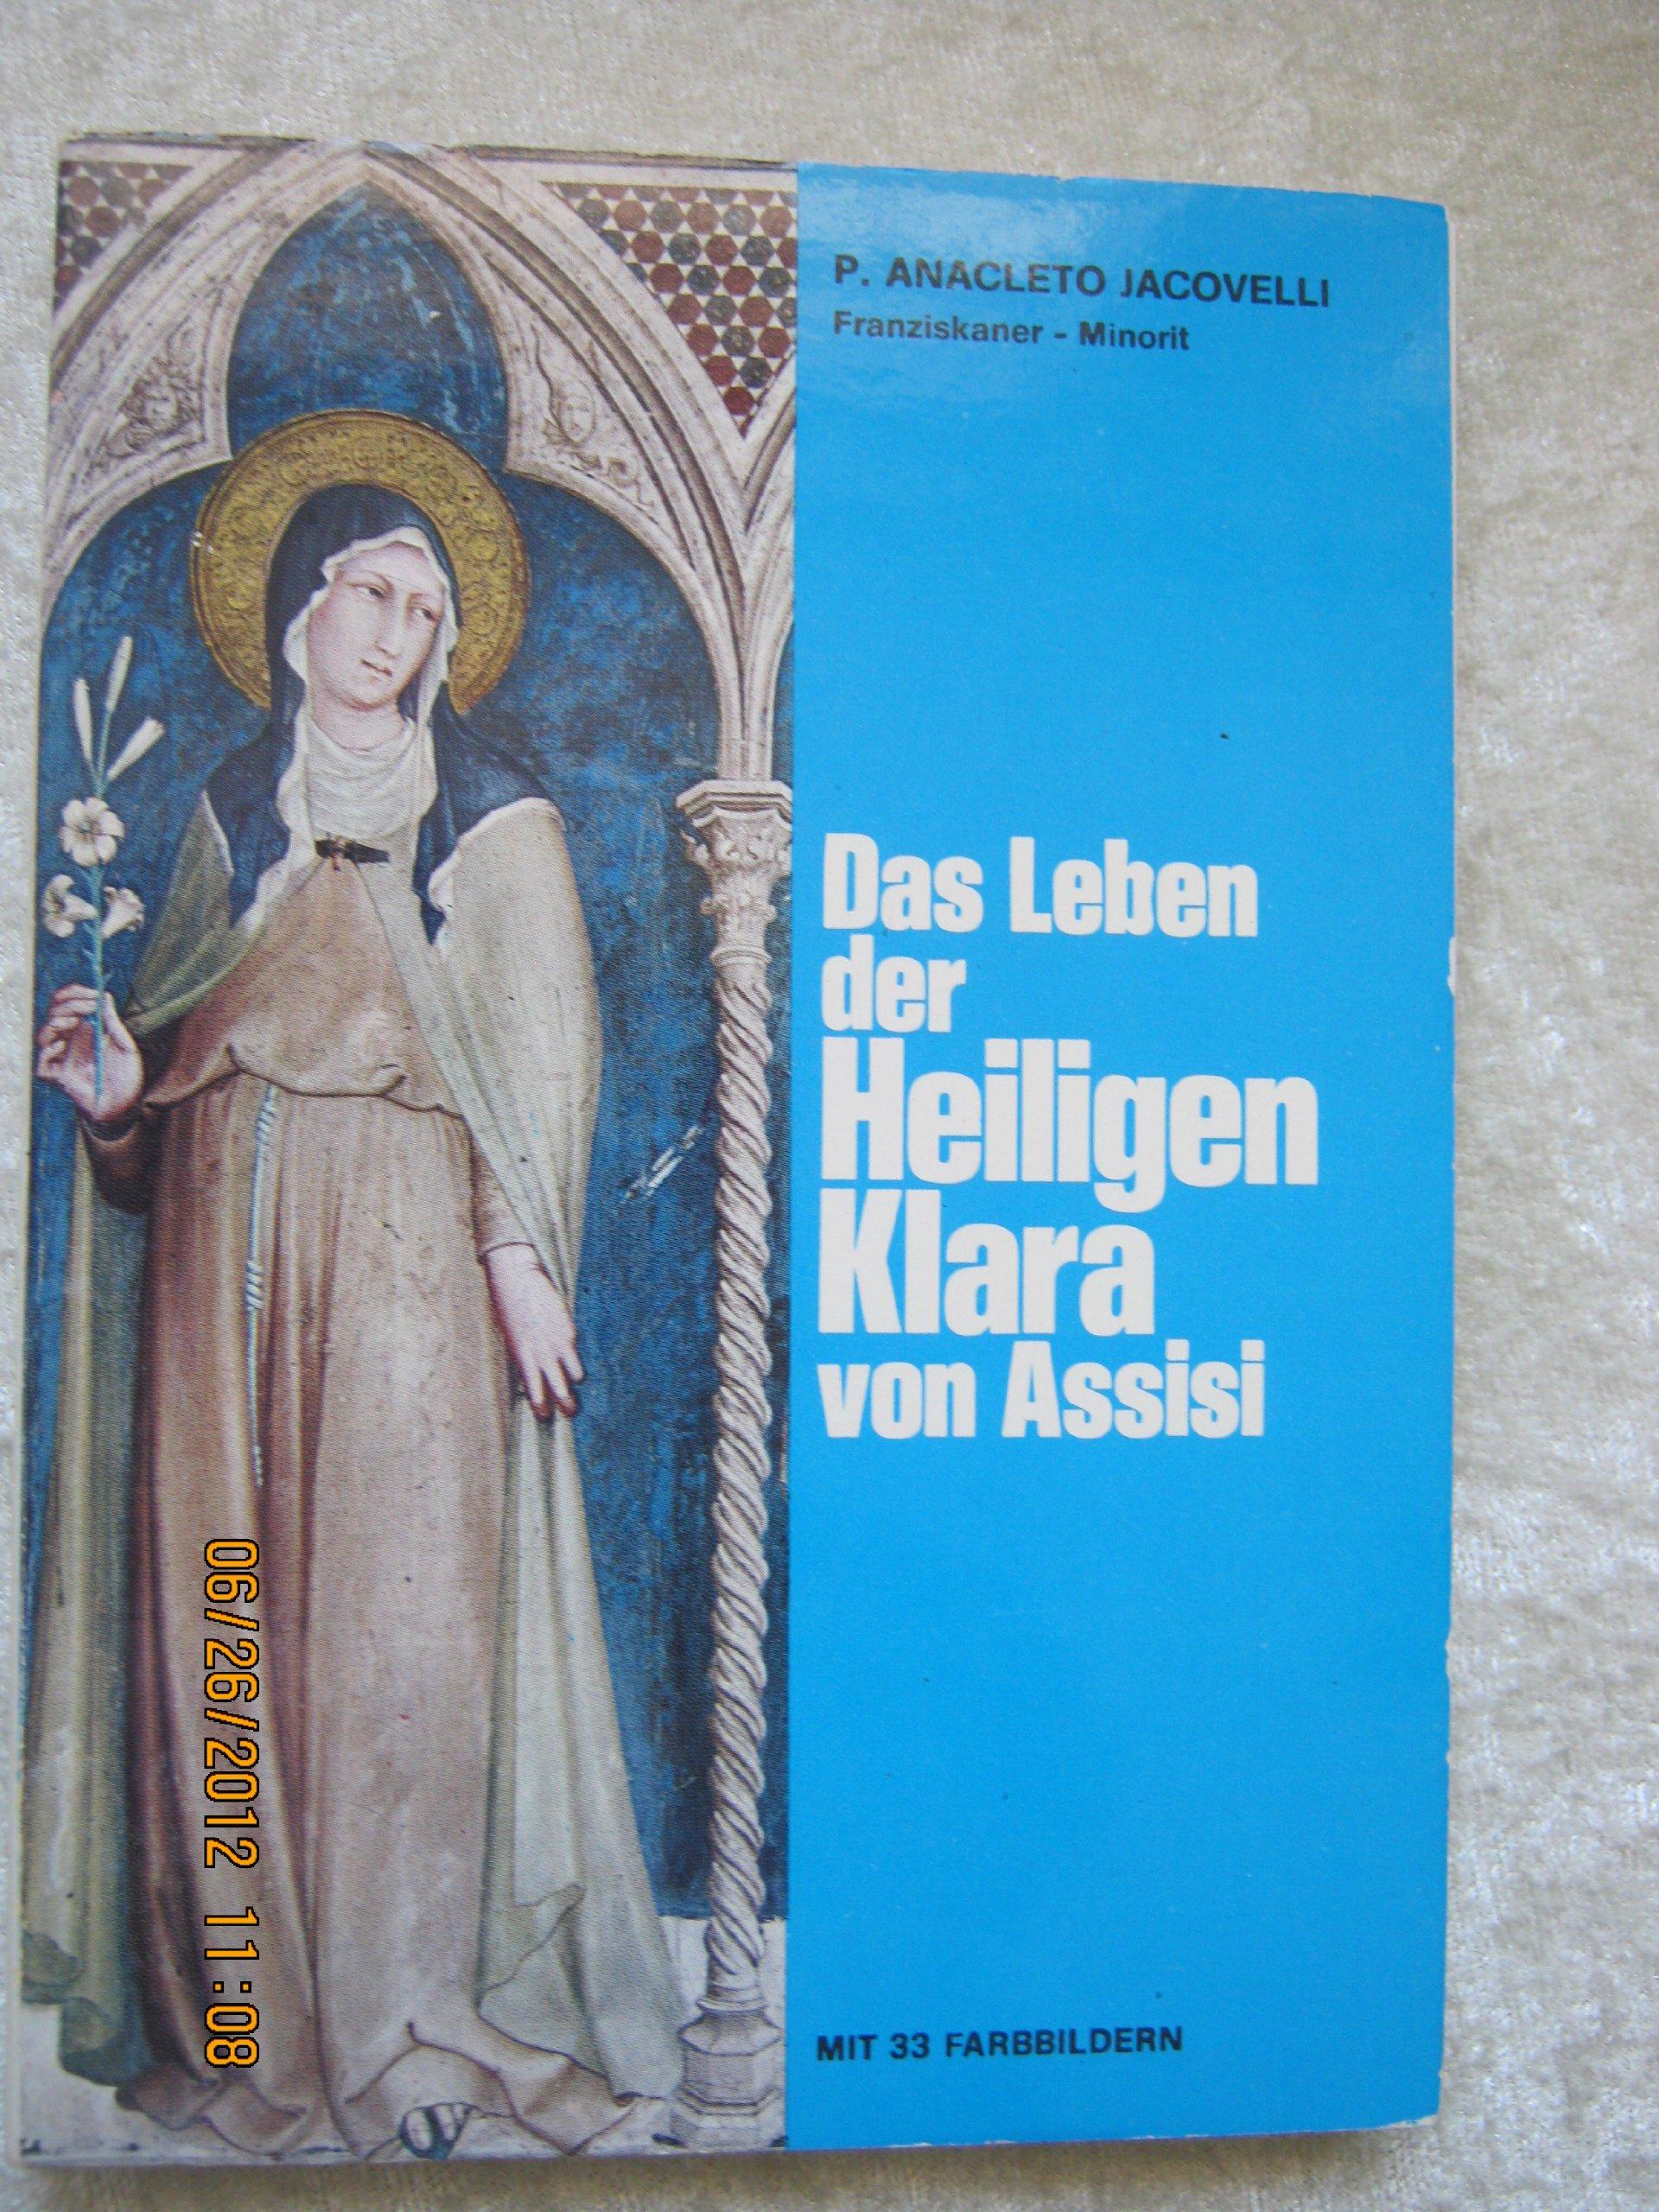 Das Leben der Heiligen Klara von Assisi